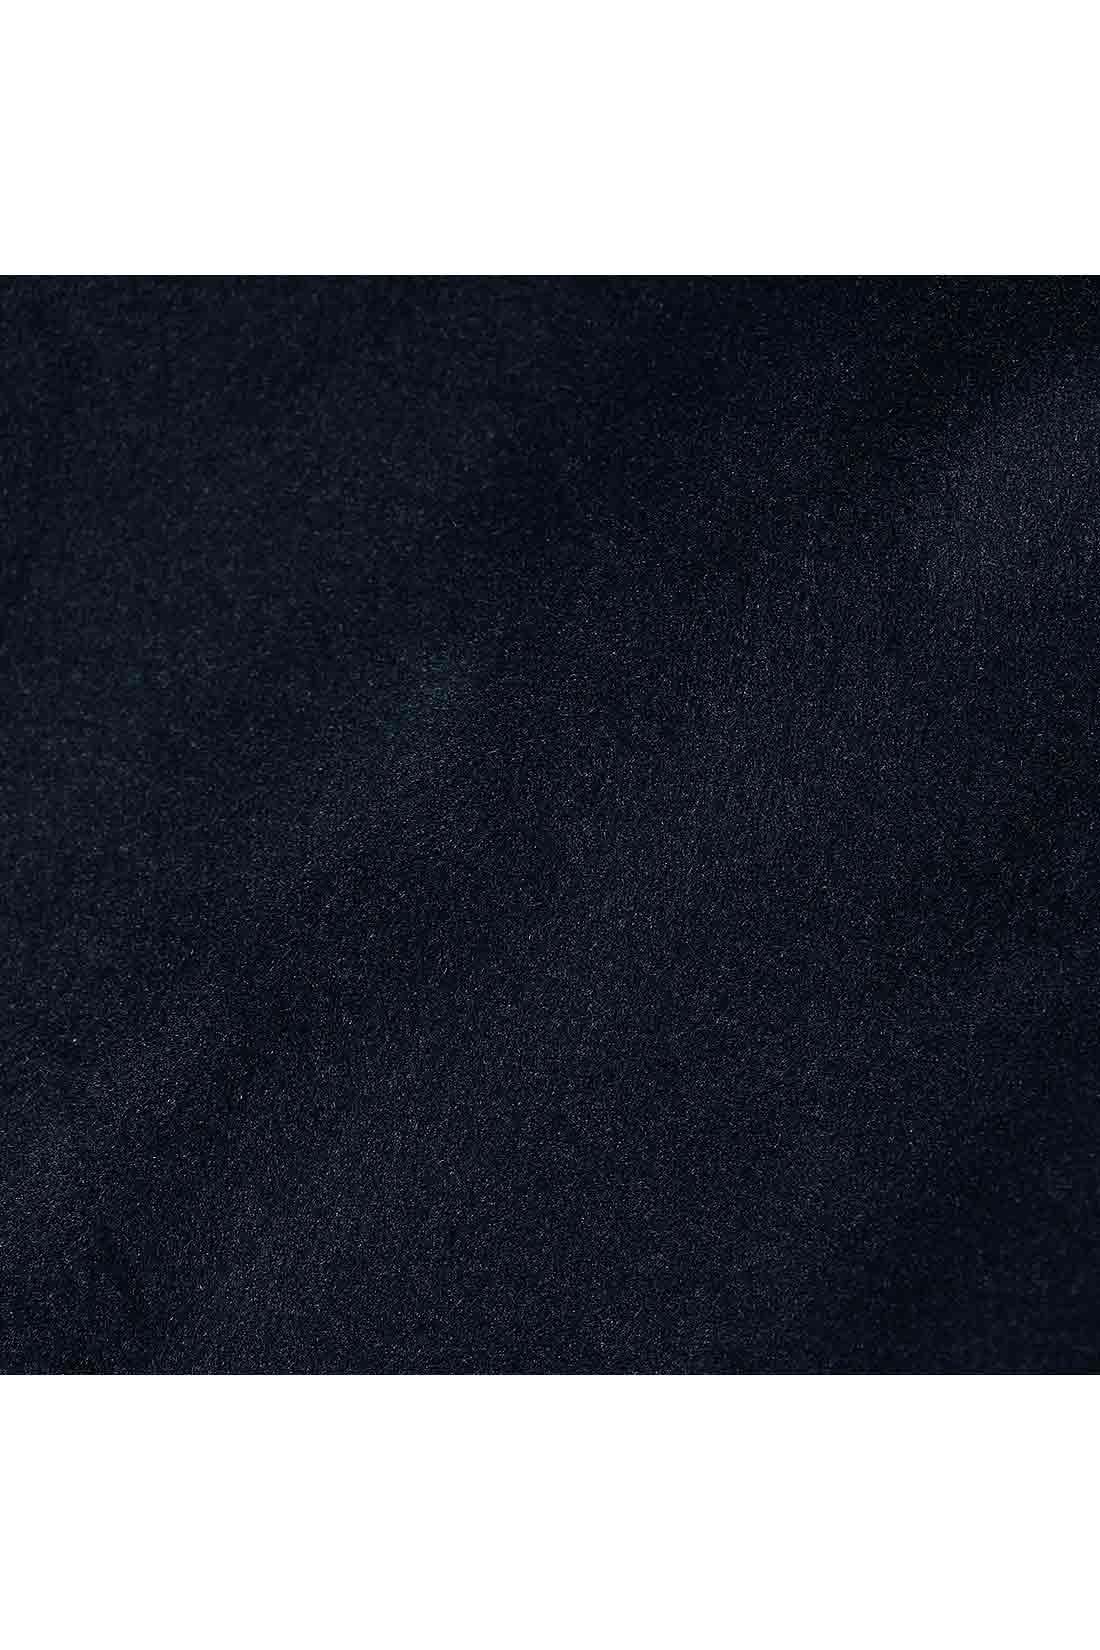 裏側は暖かでふわふわのシャギー素材。暖かさと肌ざわりのよさに癒されそう。